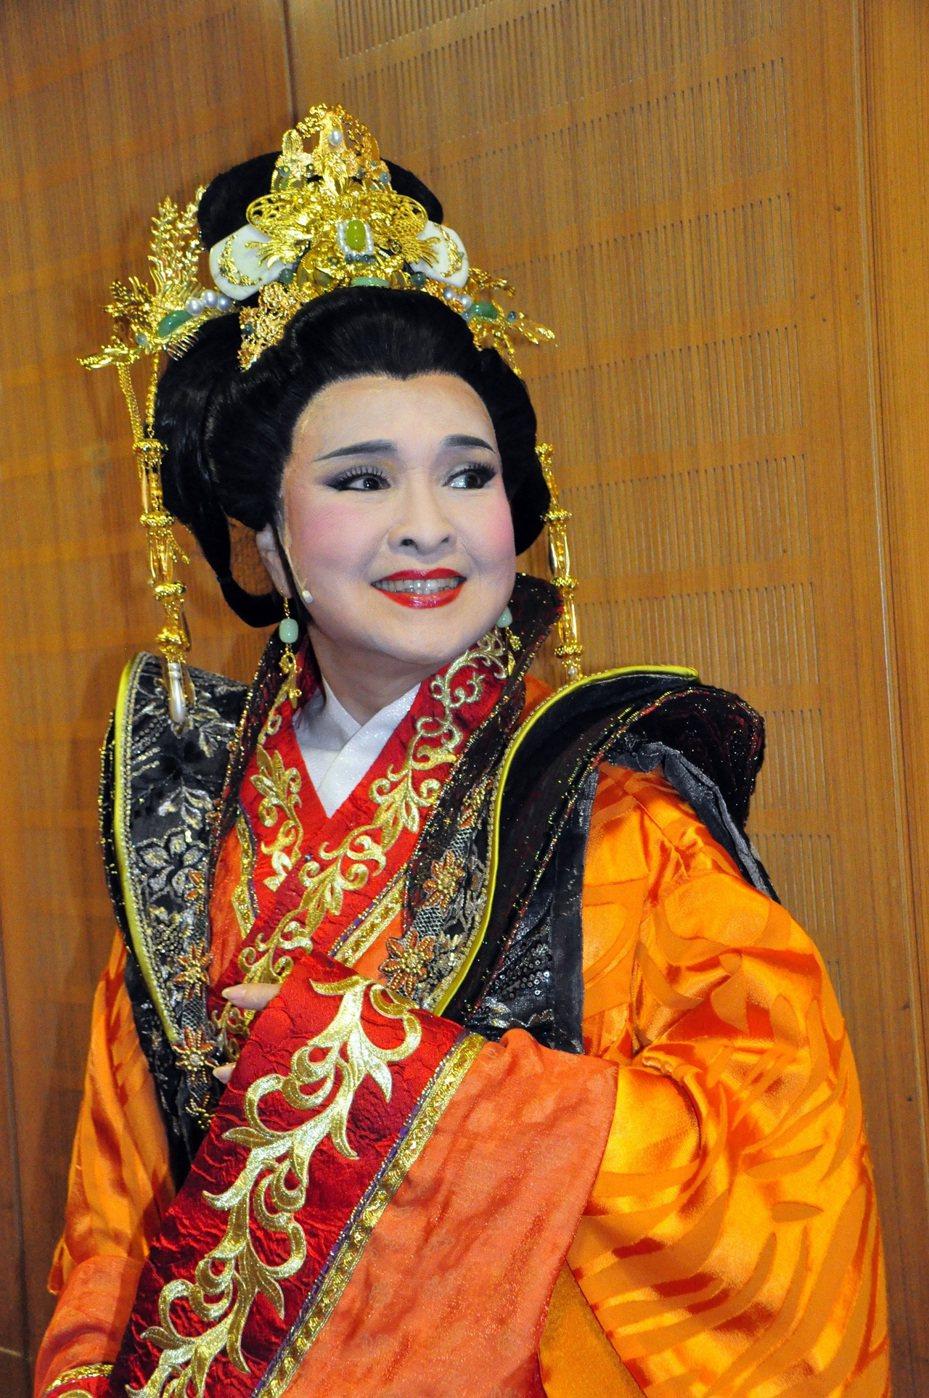 文化部公告歌仔戲藝人王仁心(藝名王金櫻)為人間國寶。圖/文化部提供